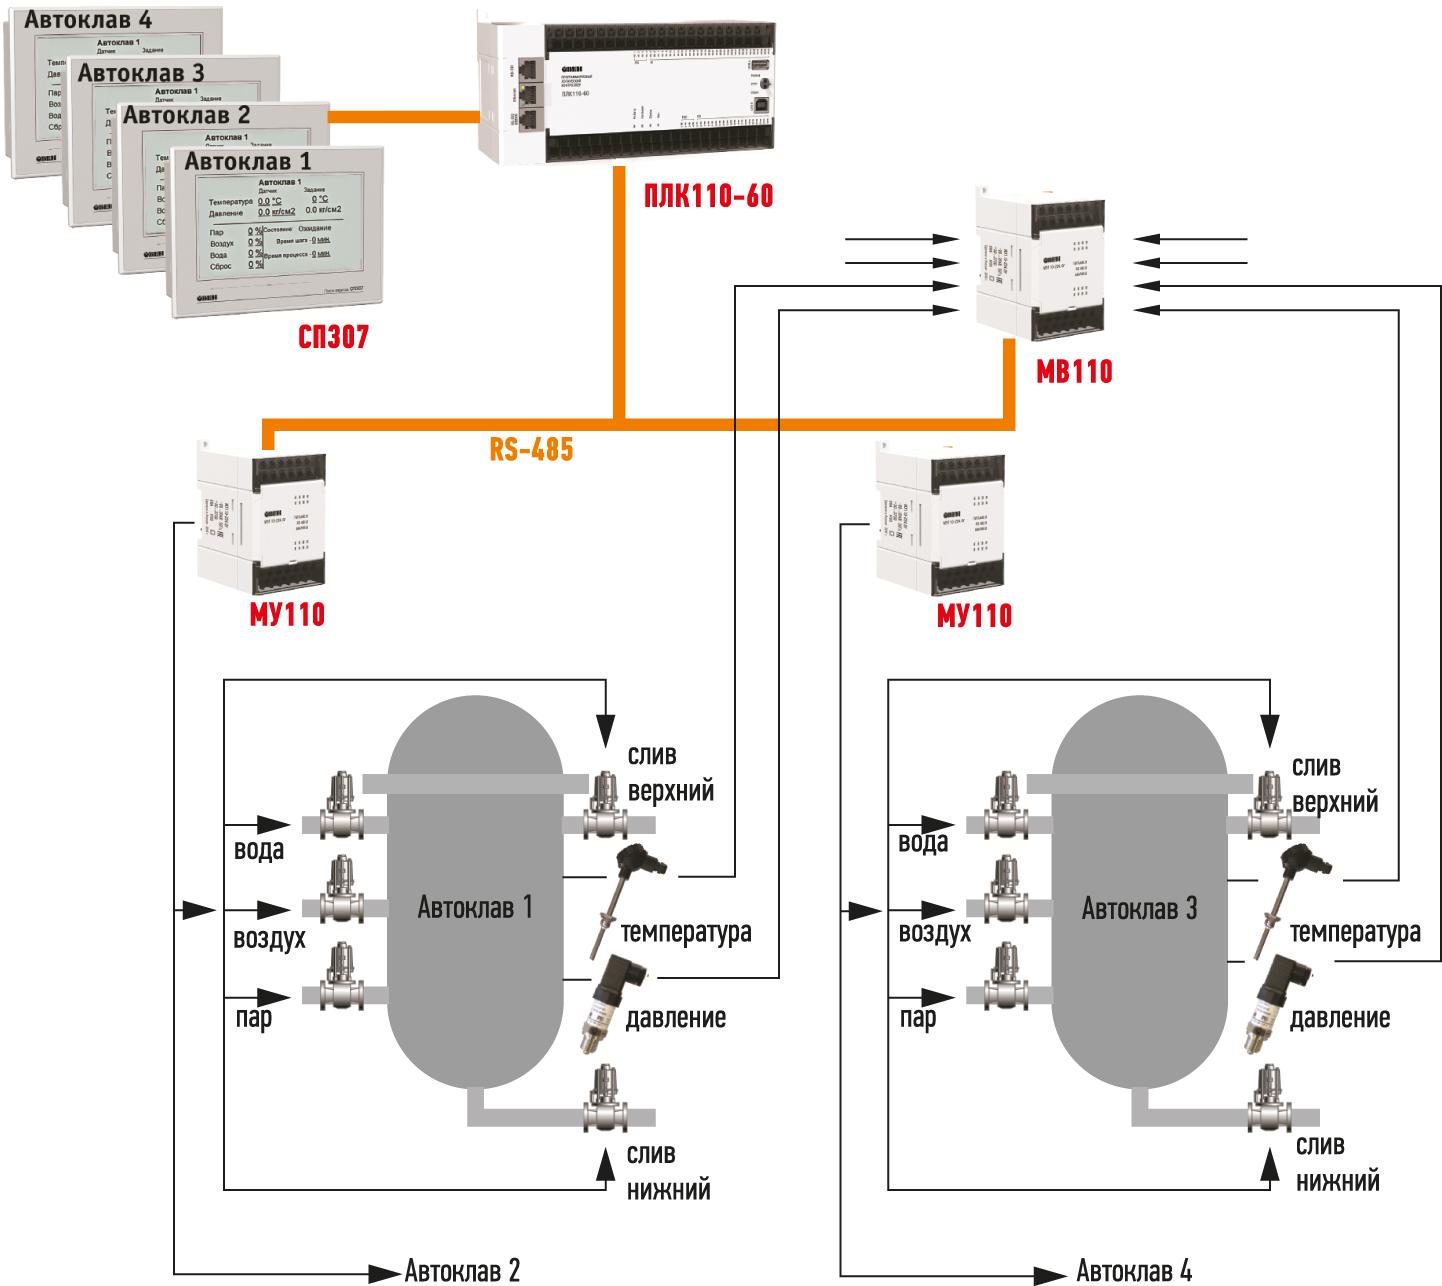 схема системы управления четырьмя автоклавами